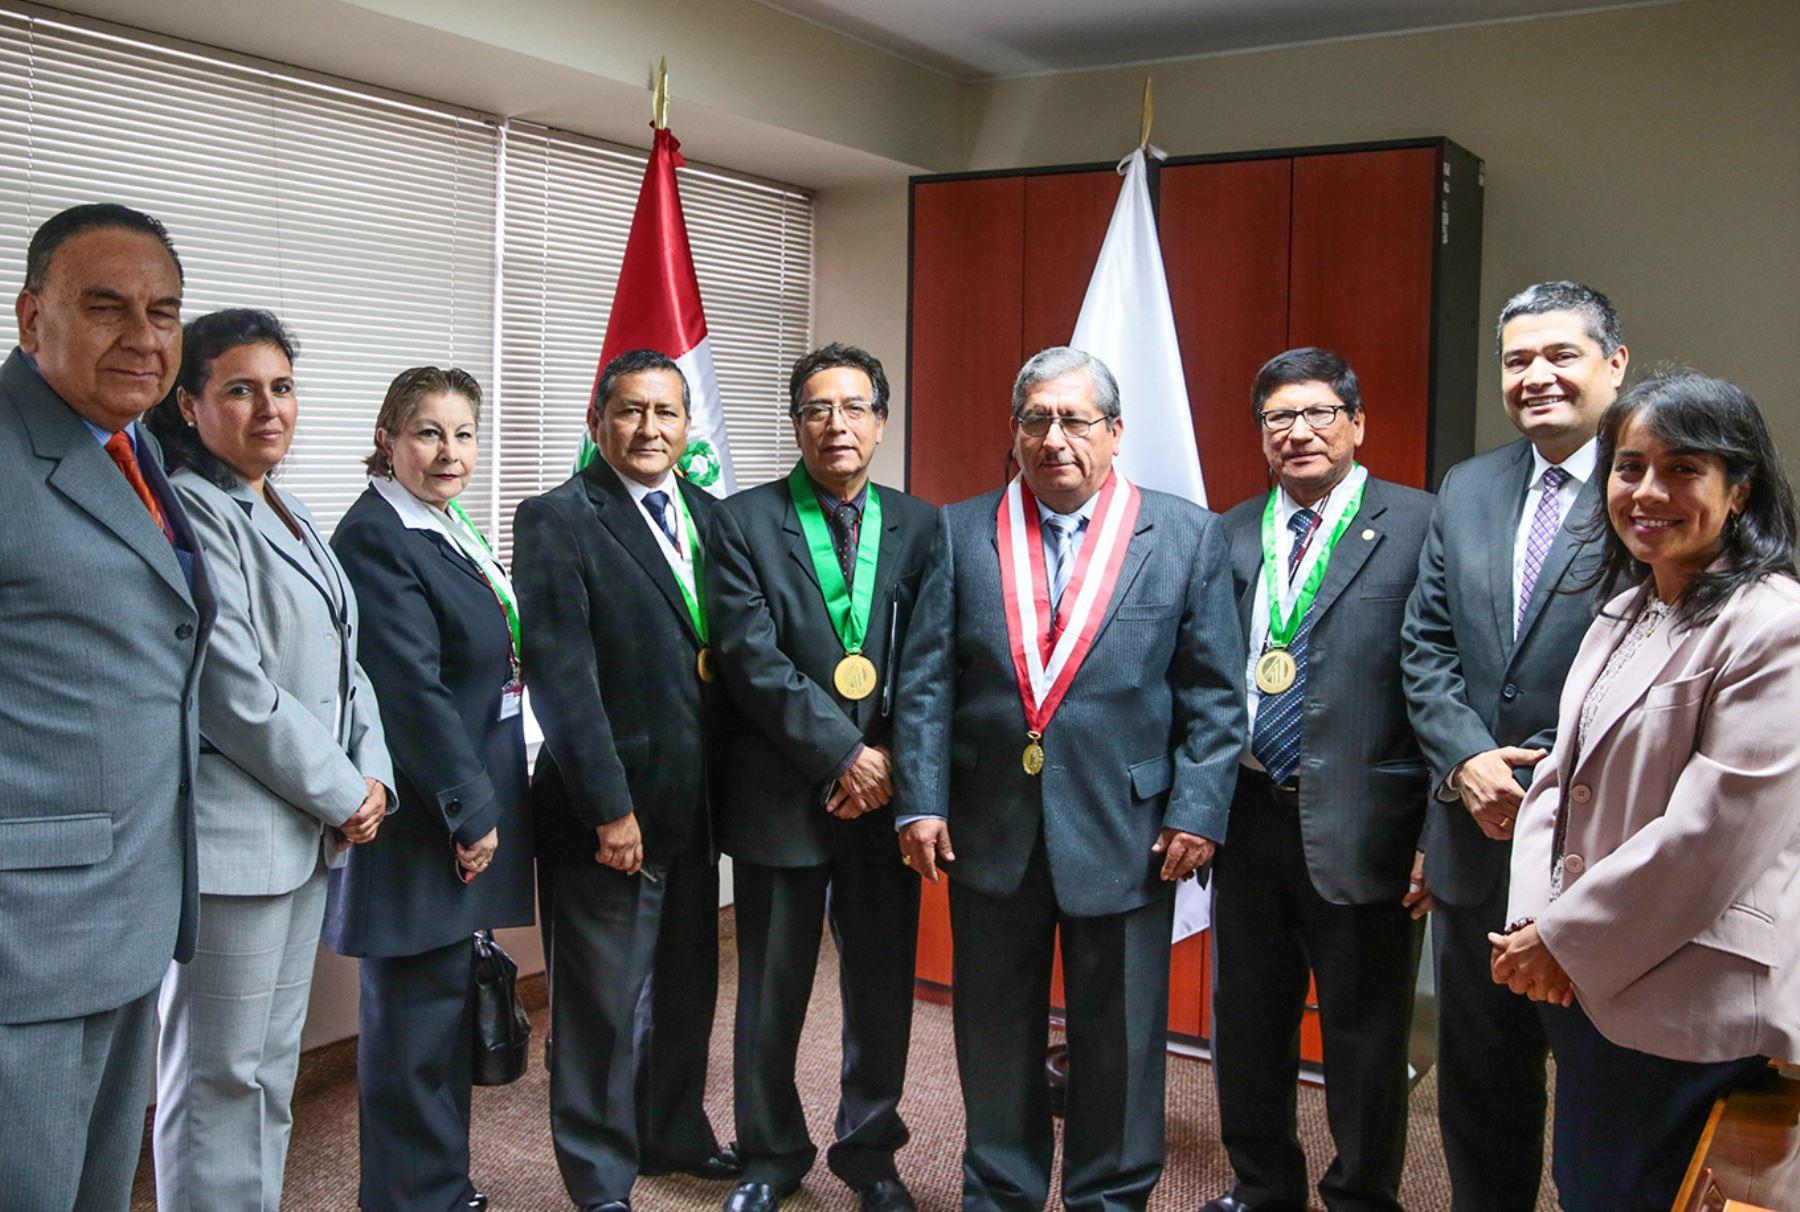 Miembros del colegio de licenciados en administraci n acceder n gratuitamente a el peruano - Colegio de administradores barcelona ...